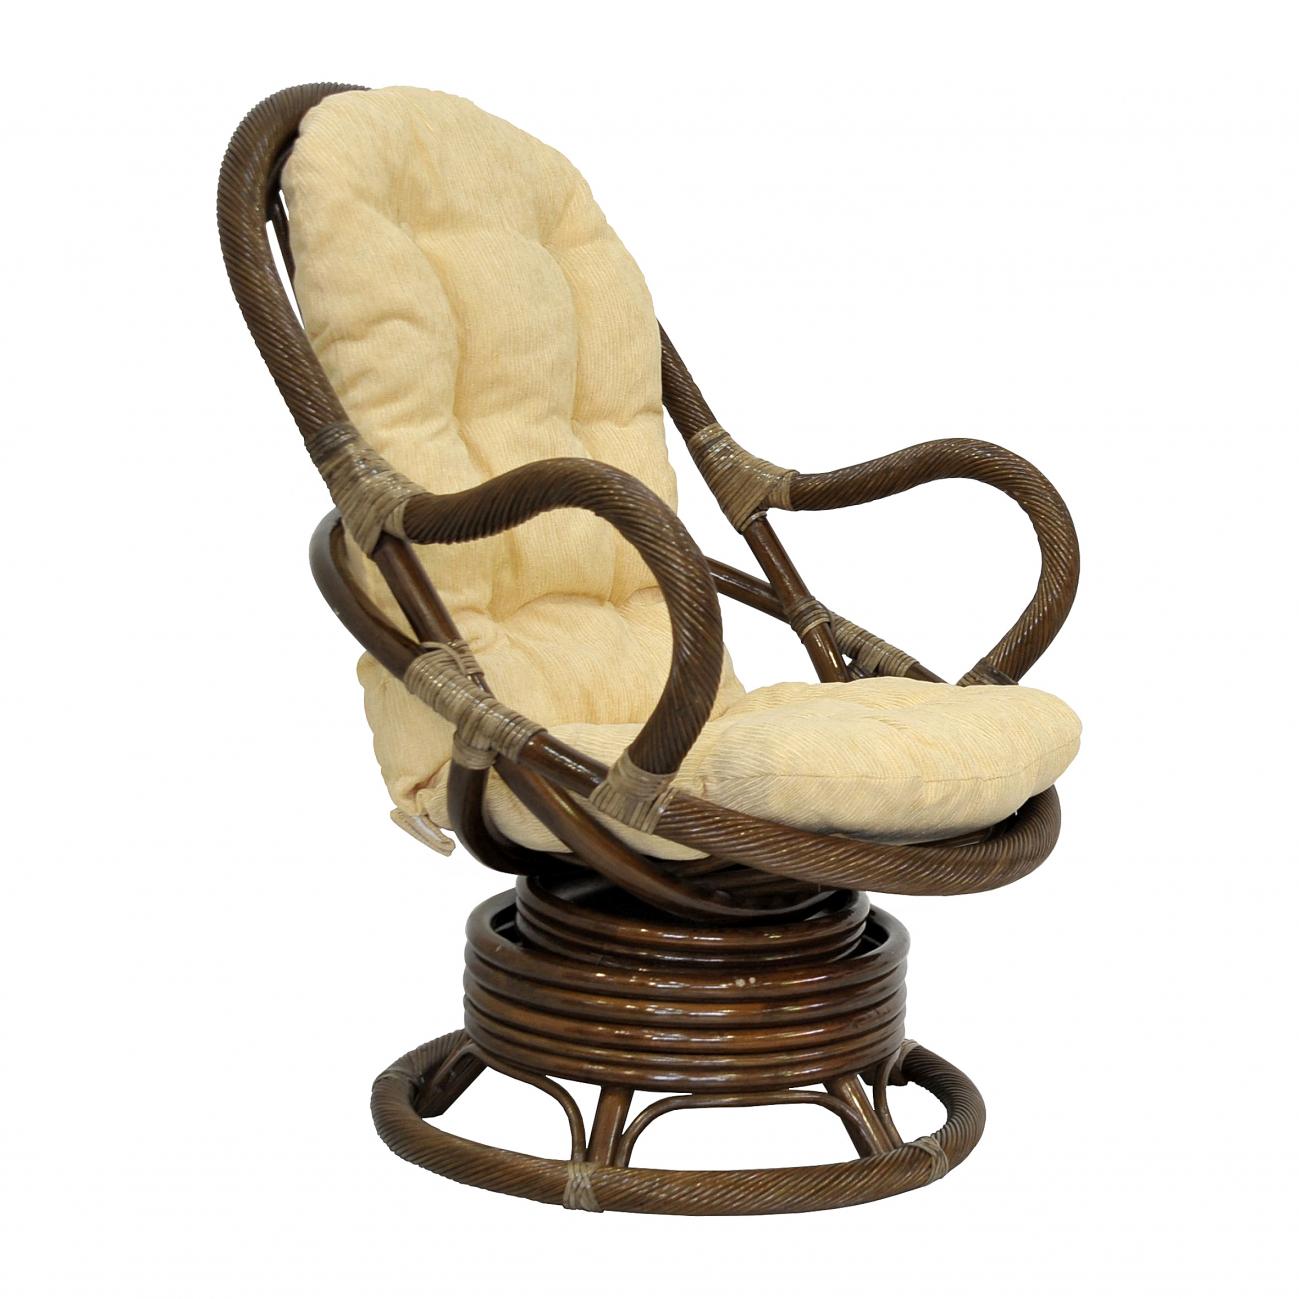 Купить Кресло механическое Visit (венге) в интернет магазине дизайнерской мебели и аксессуаров для дома и дачи